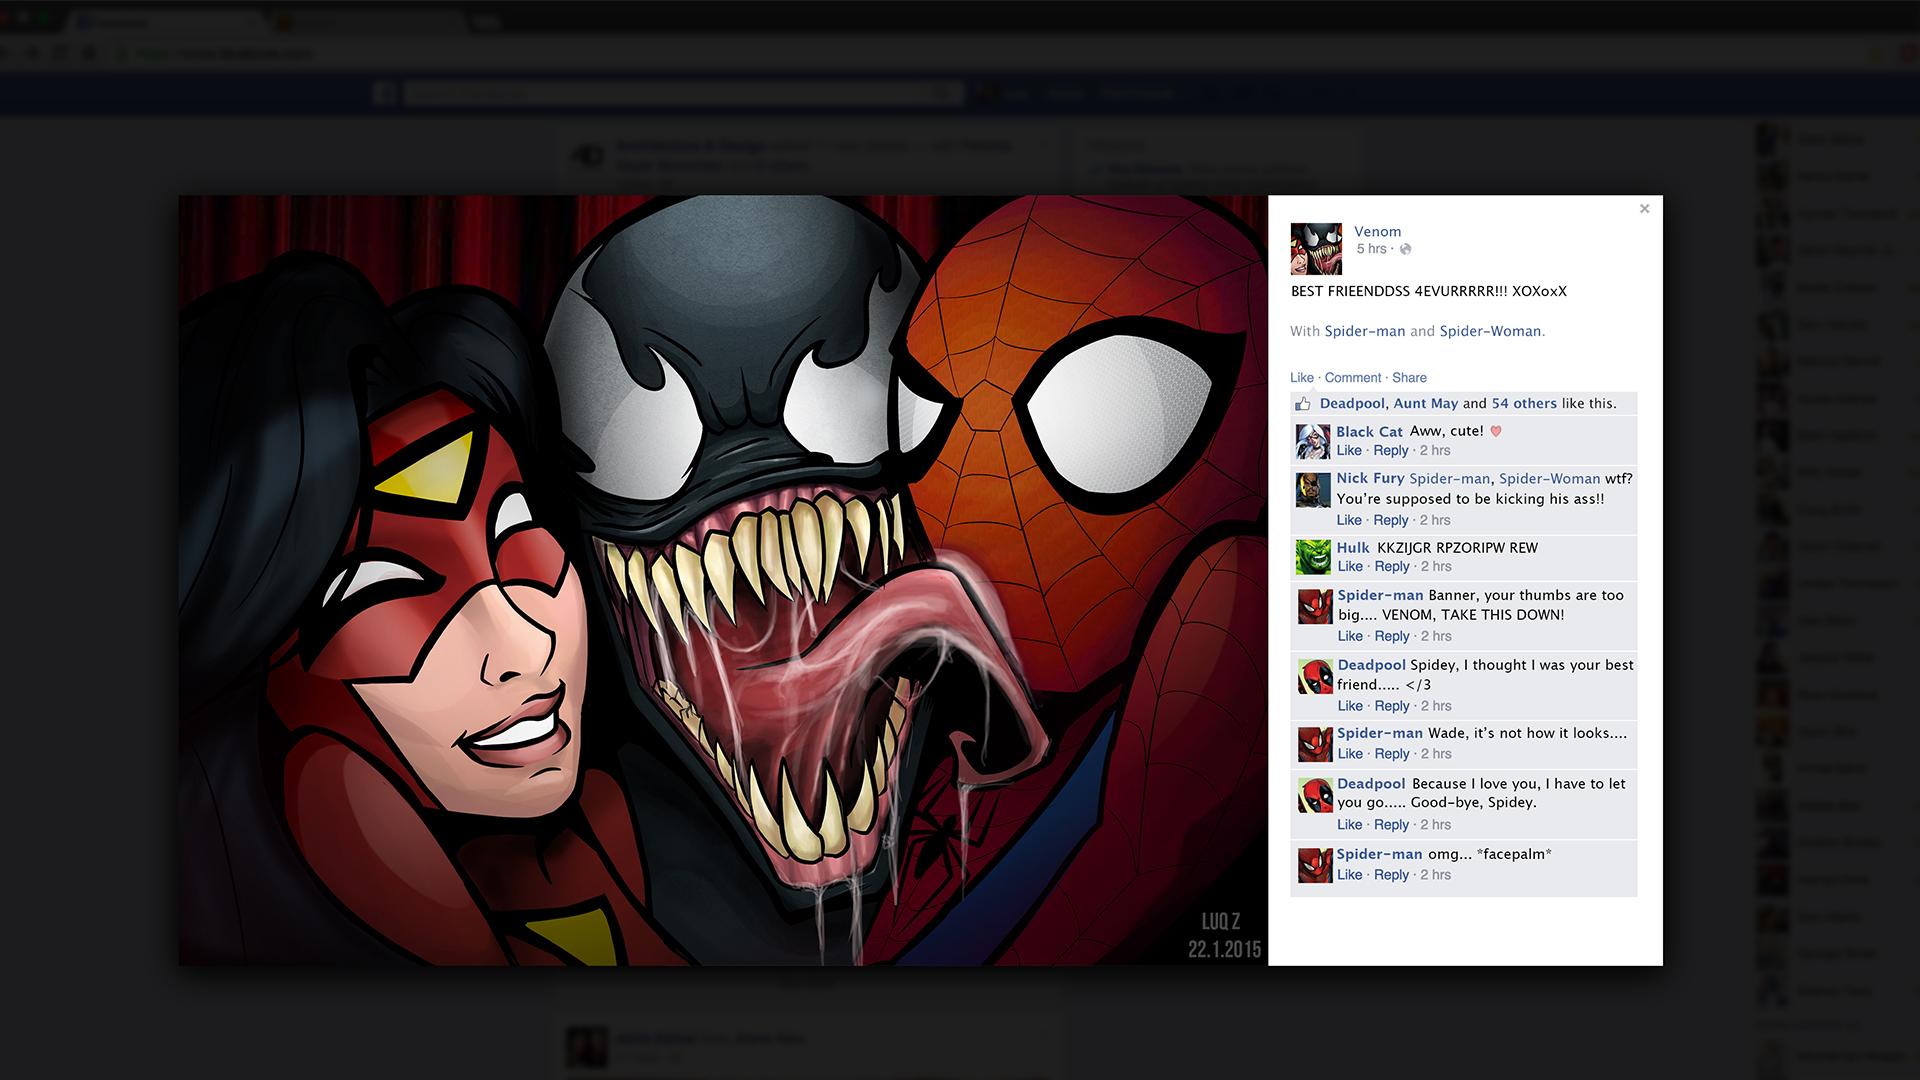 Spider Selfies!